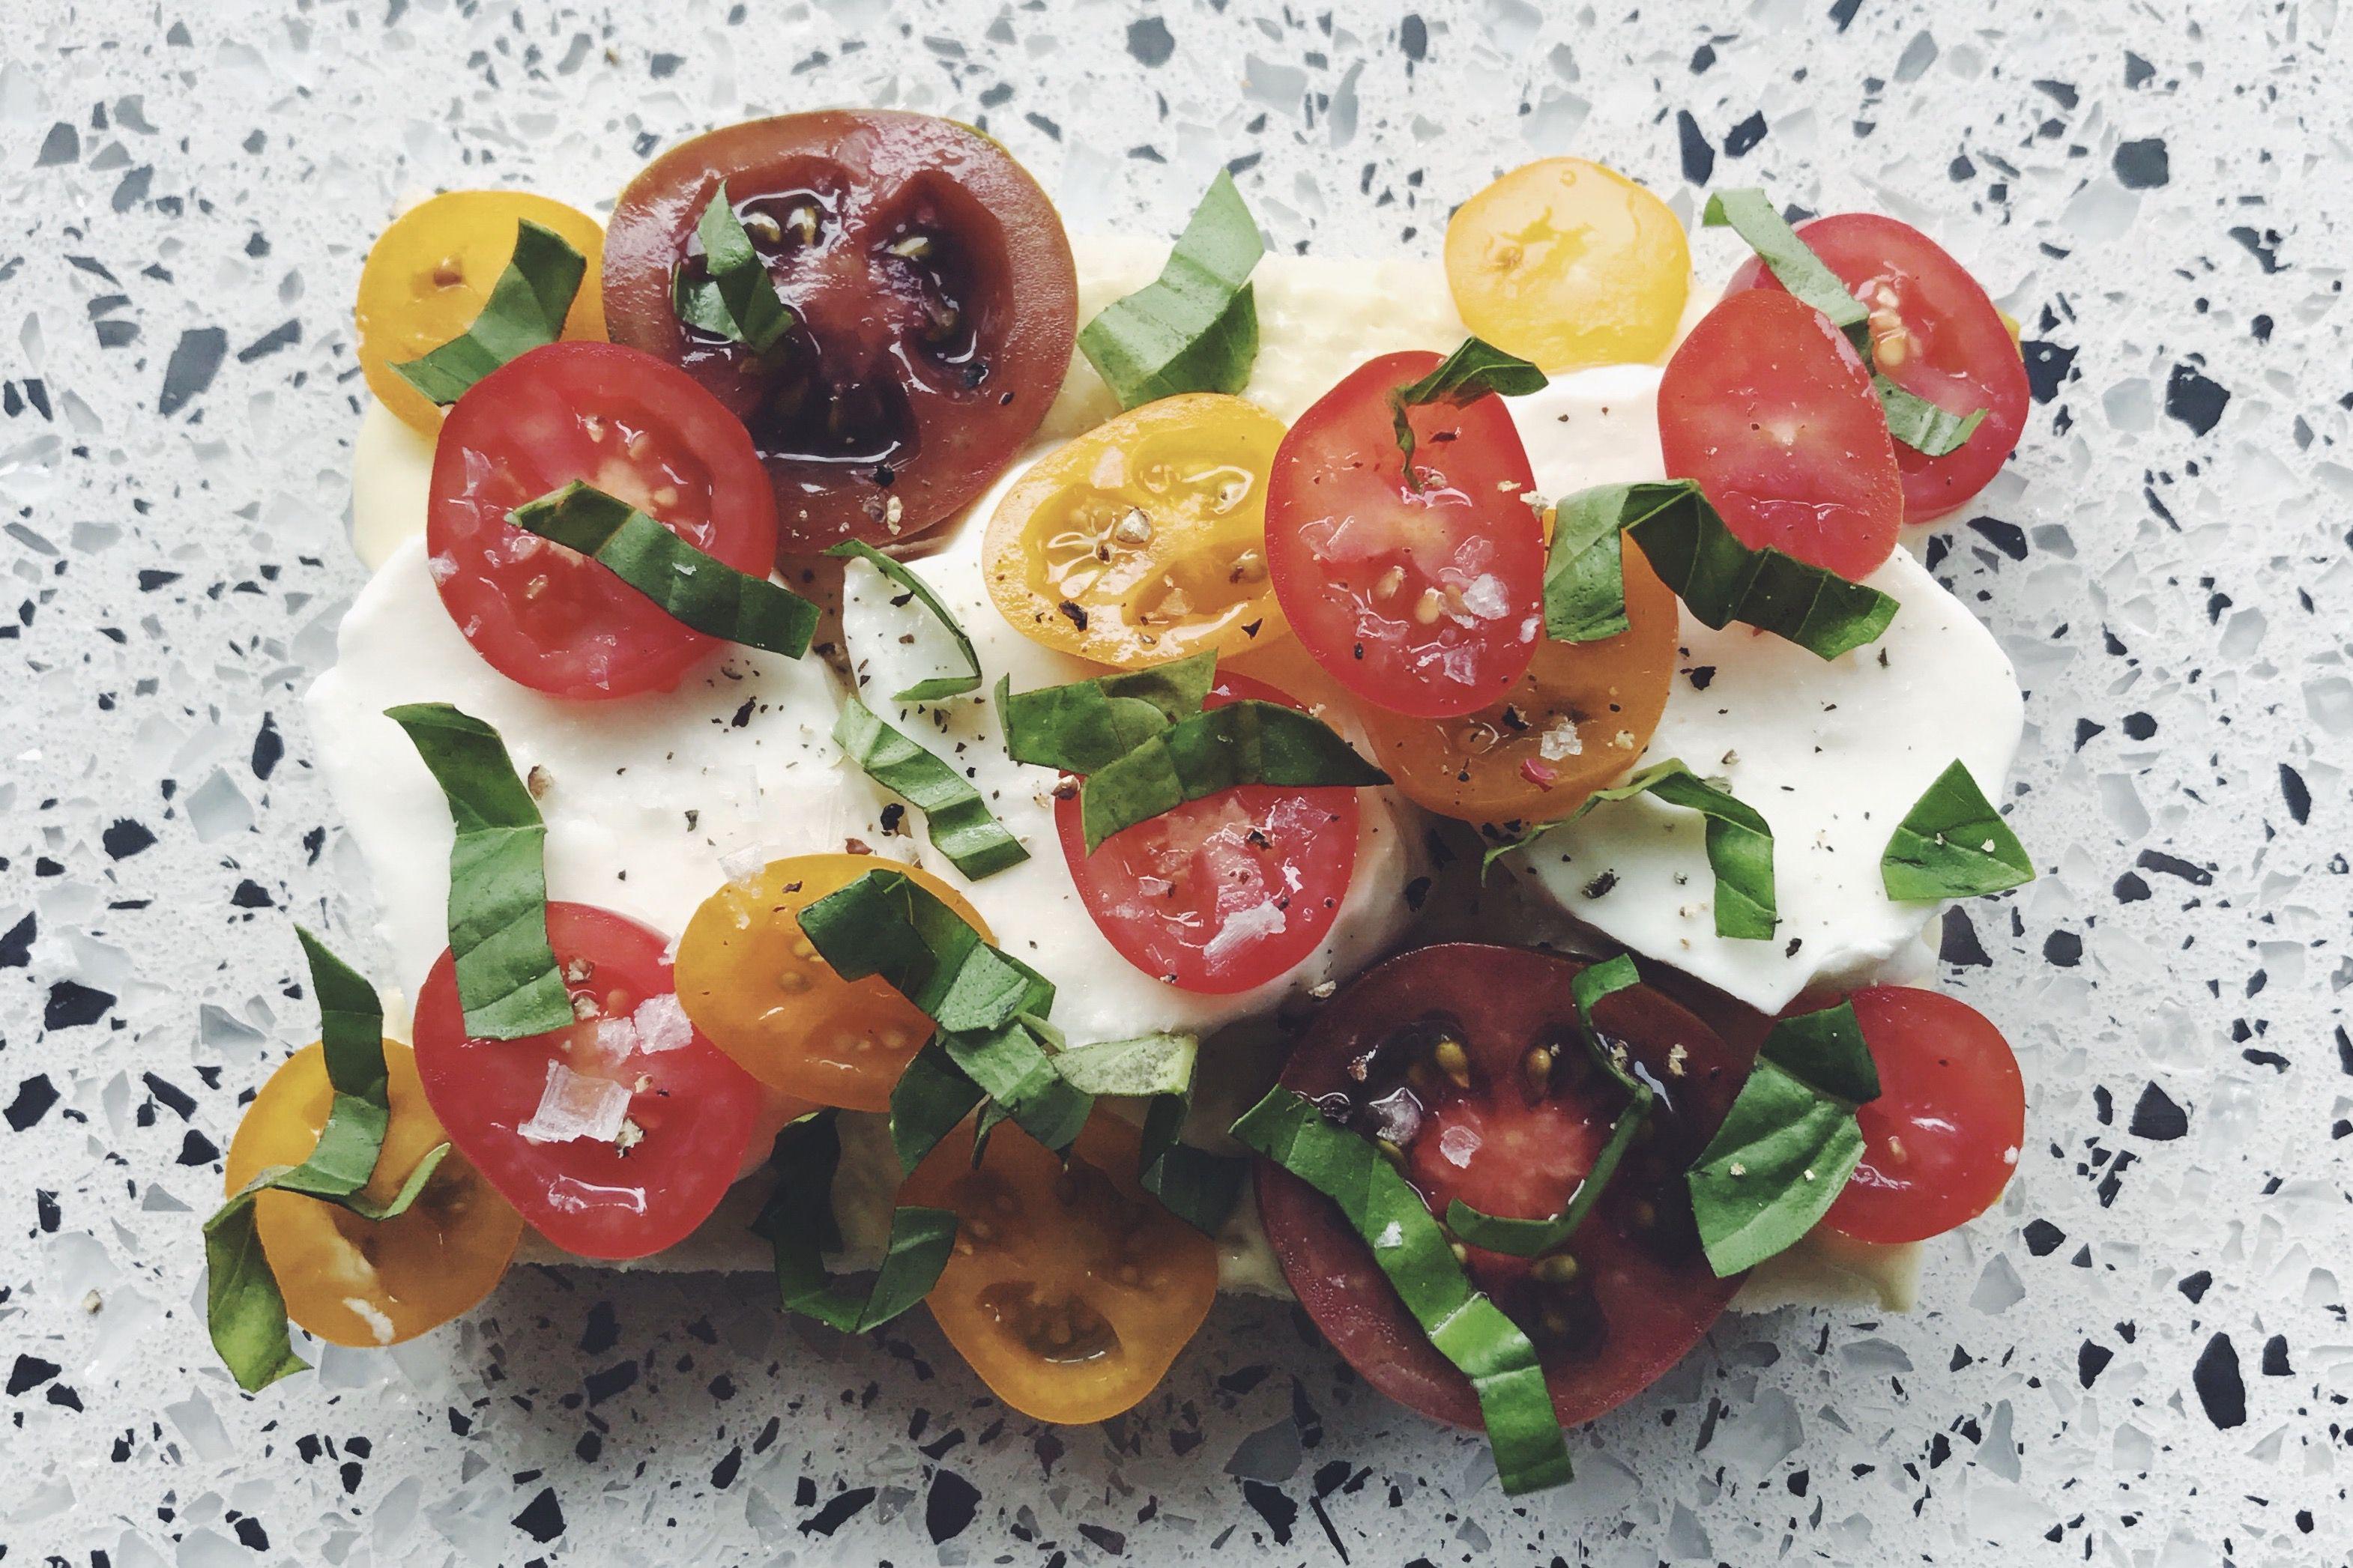 Tramezzini with Tomato, Mozzarella and fresh basil